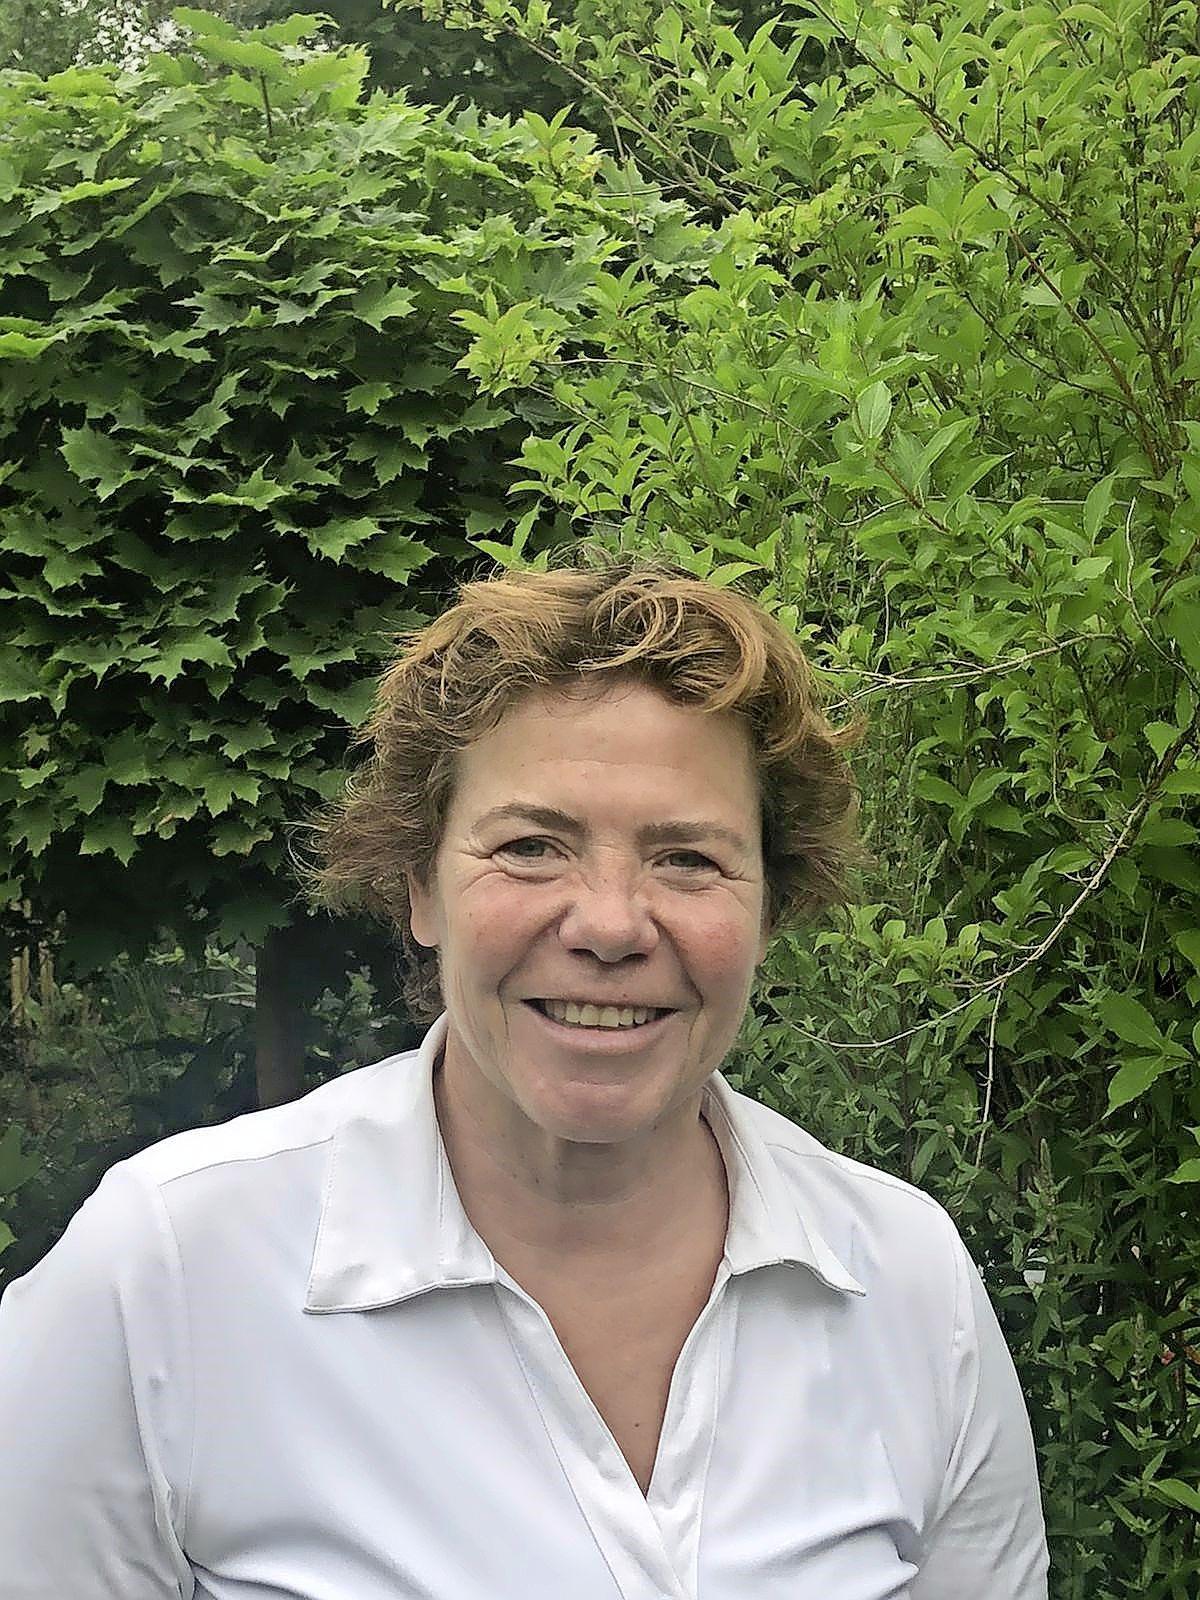 Marja Spreij, gemeentesecretaris van Kaag en Braassem, stapt over naar Alphen aan den Rijn